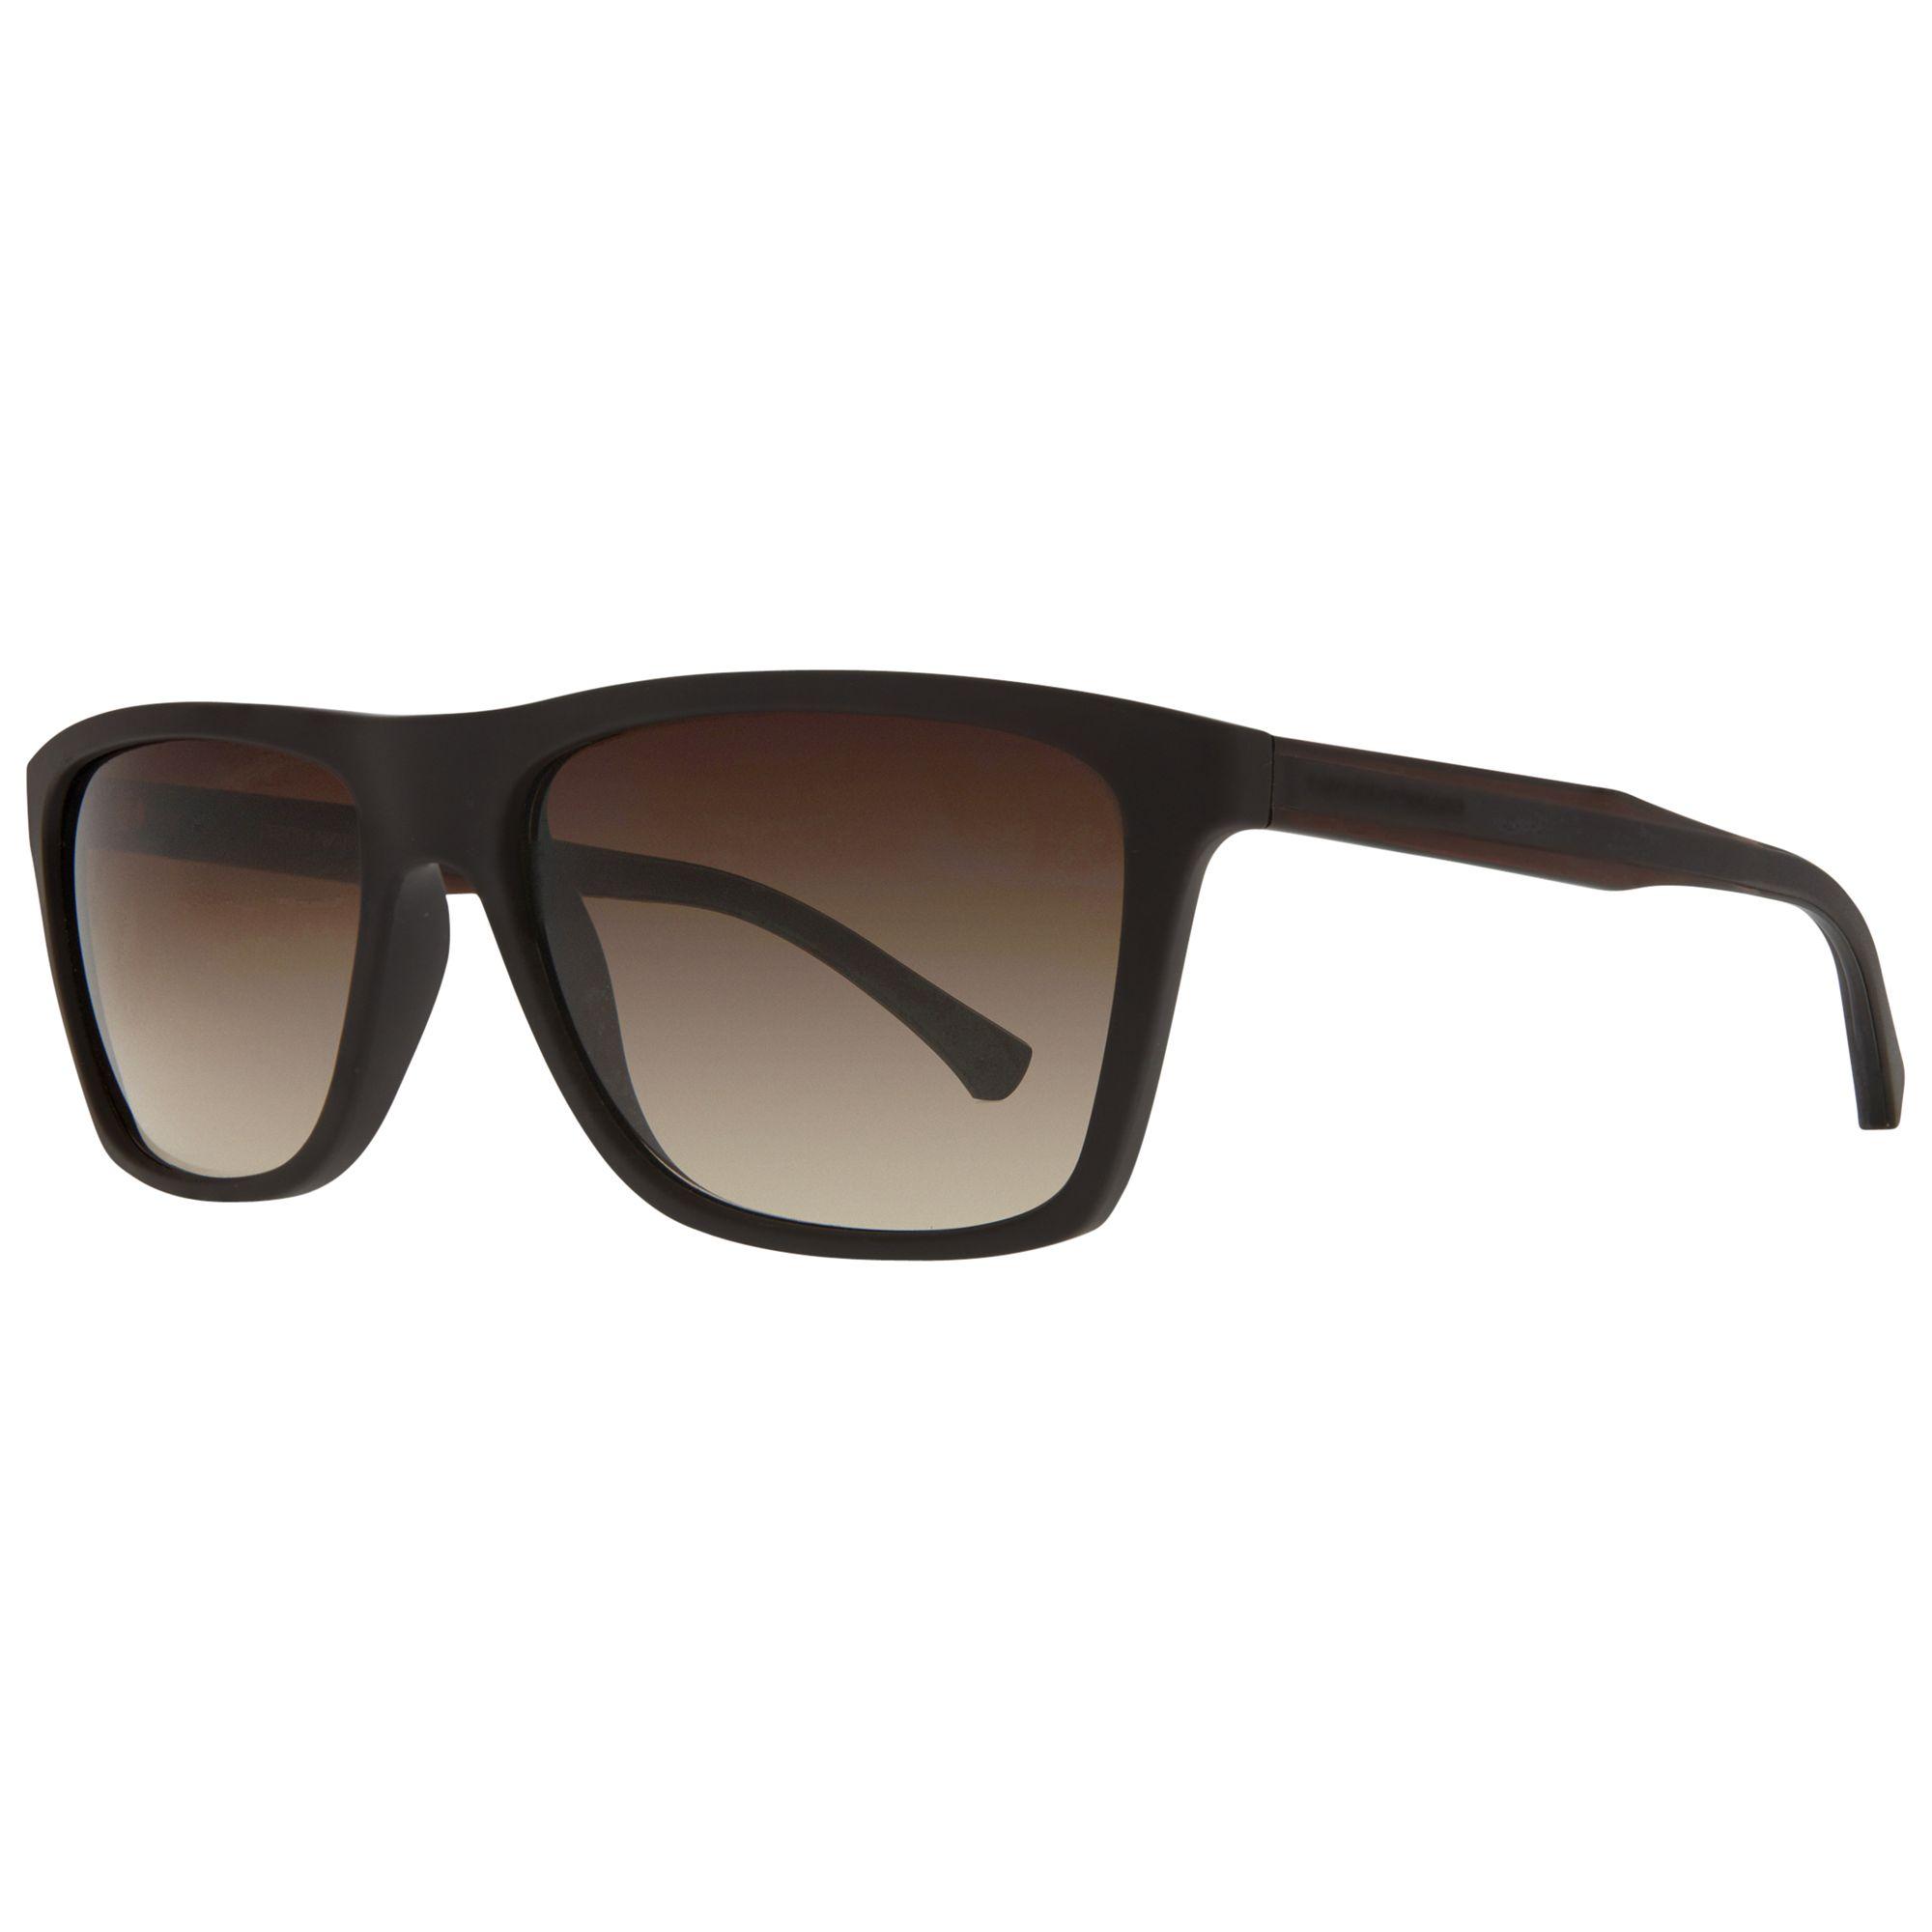 8be7ef08103c Emporio Armani EA4001 Rectangular Sunglasses